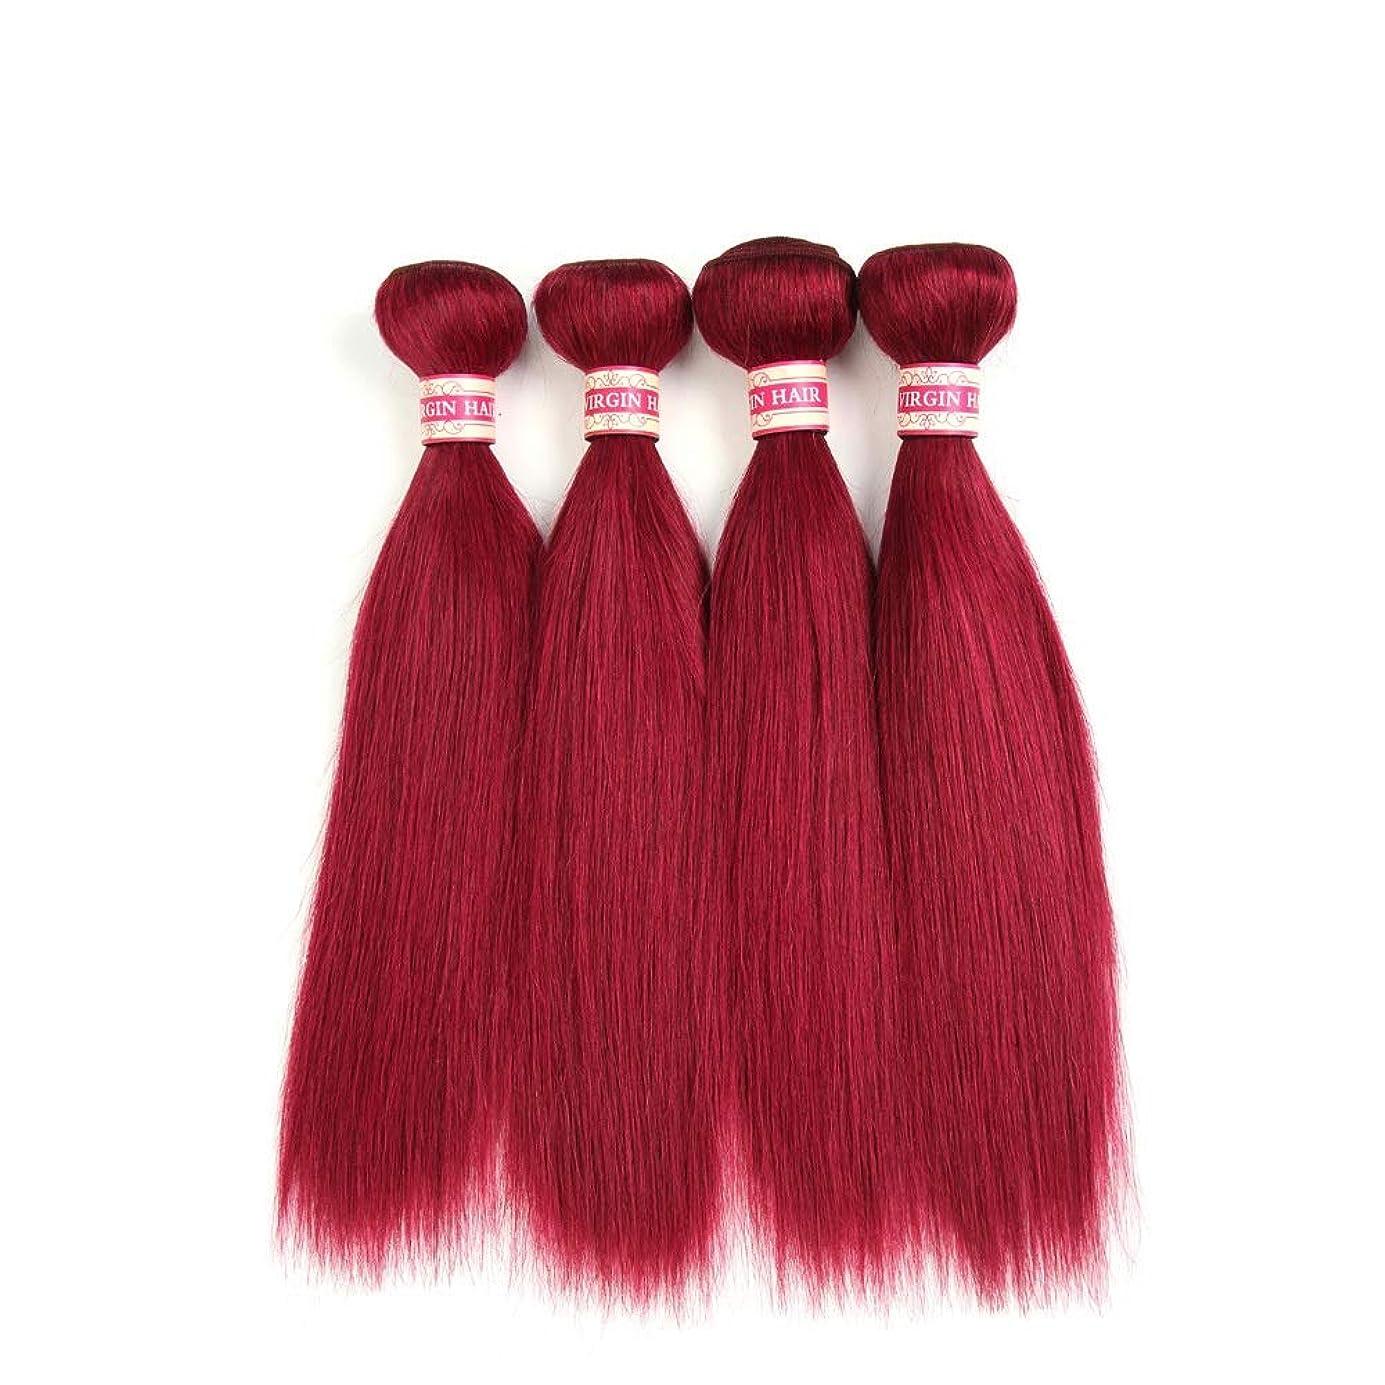 確認窒素手配するHOHYLLYA ブラジルストレートヘアバンドル未処理の人間の髪の毛の拡張子本物の人間の髪の毛#118ローズレッドカラー(8